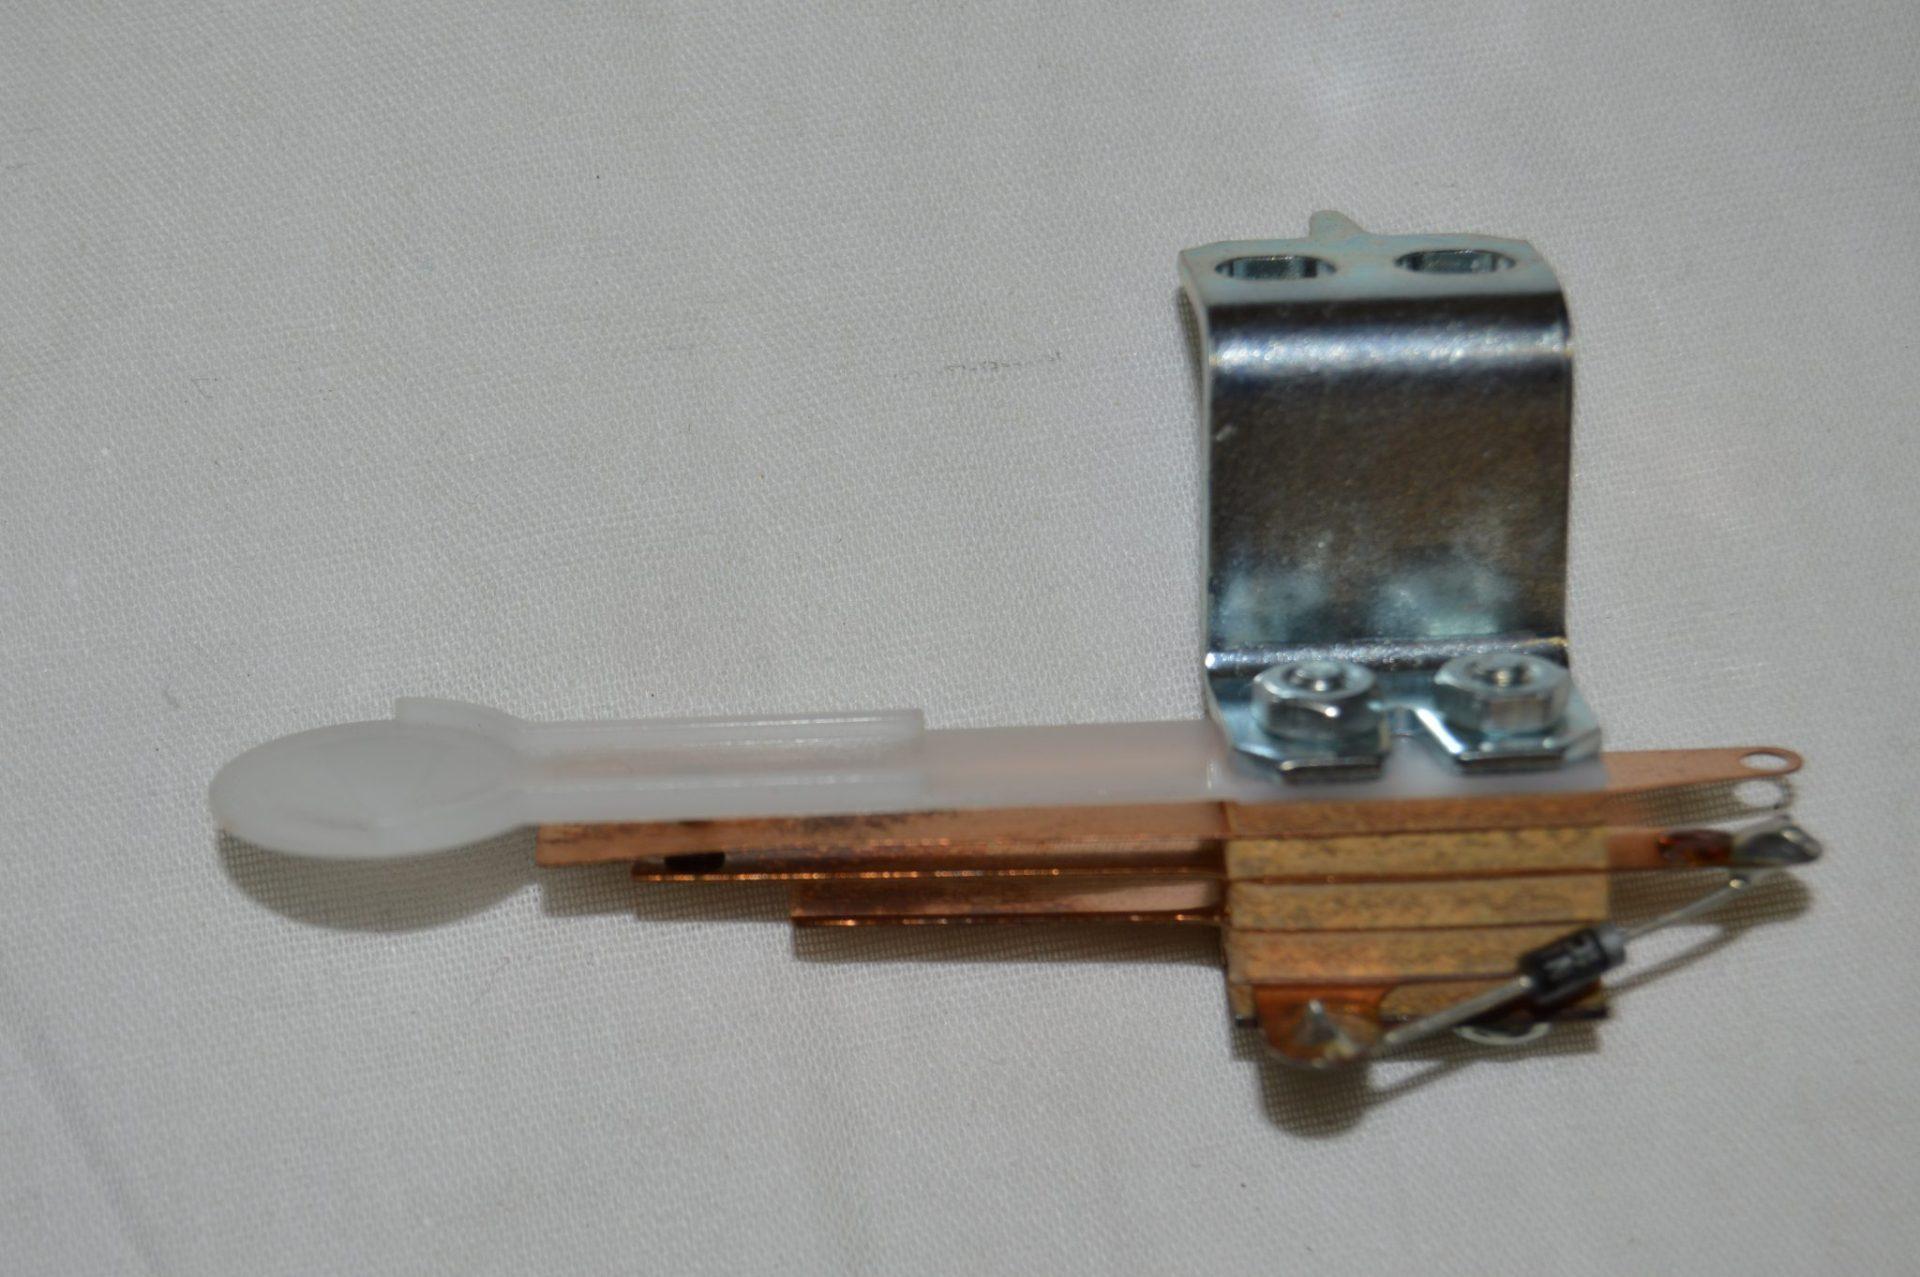 Williams/Bally Pop Bumper Switch W/ Bracket B-12030-2